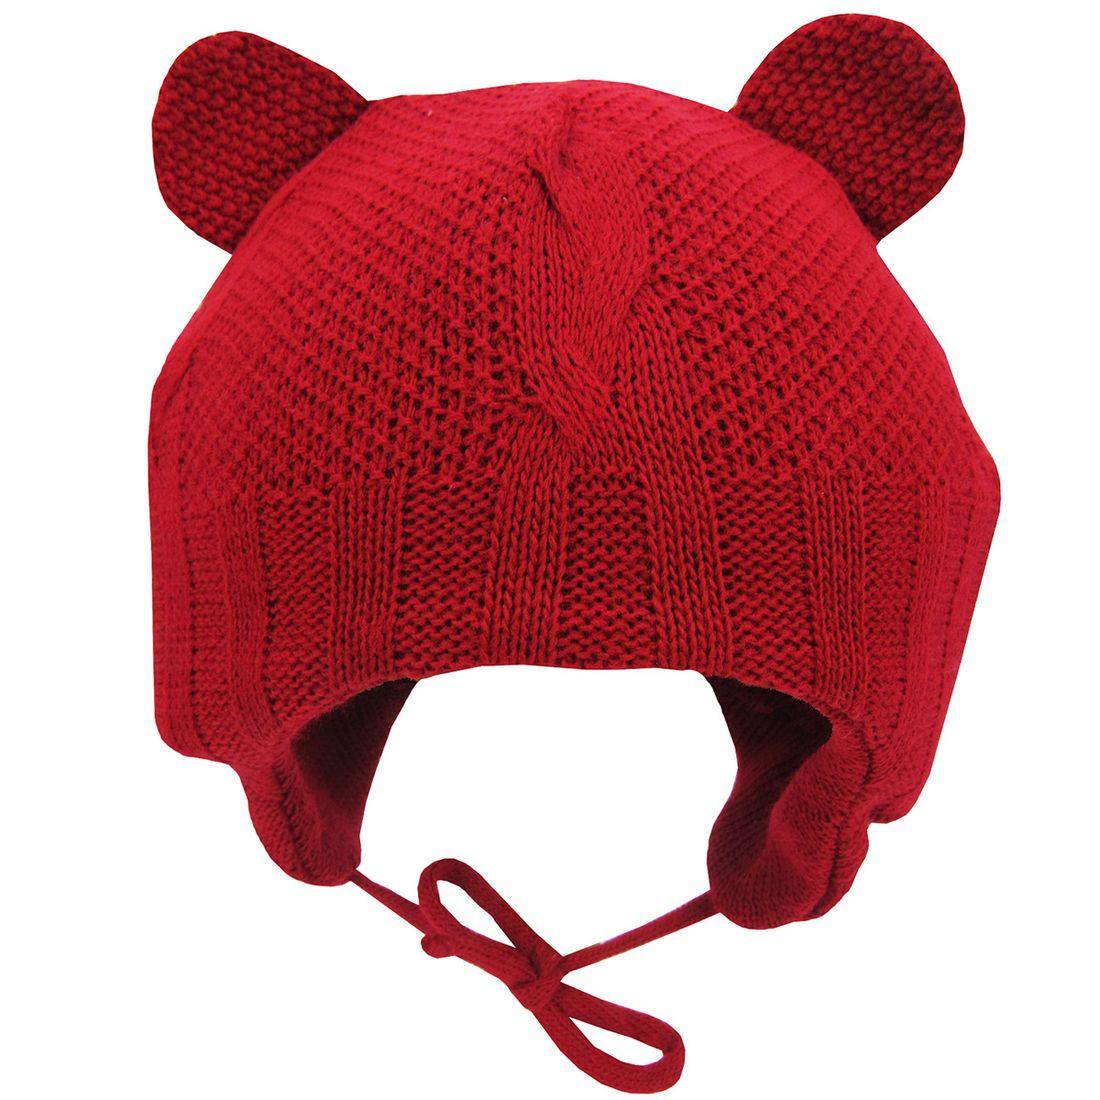 cdf6d69313805 Touca Bebê Unissex Vermelha com Proteção para Orelha - poetique